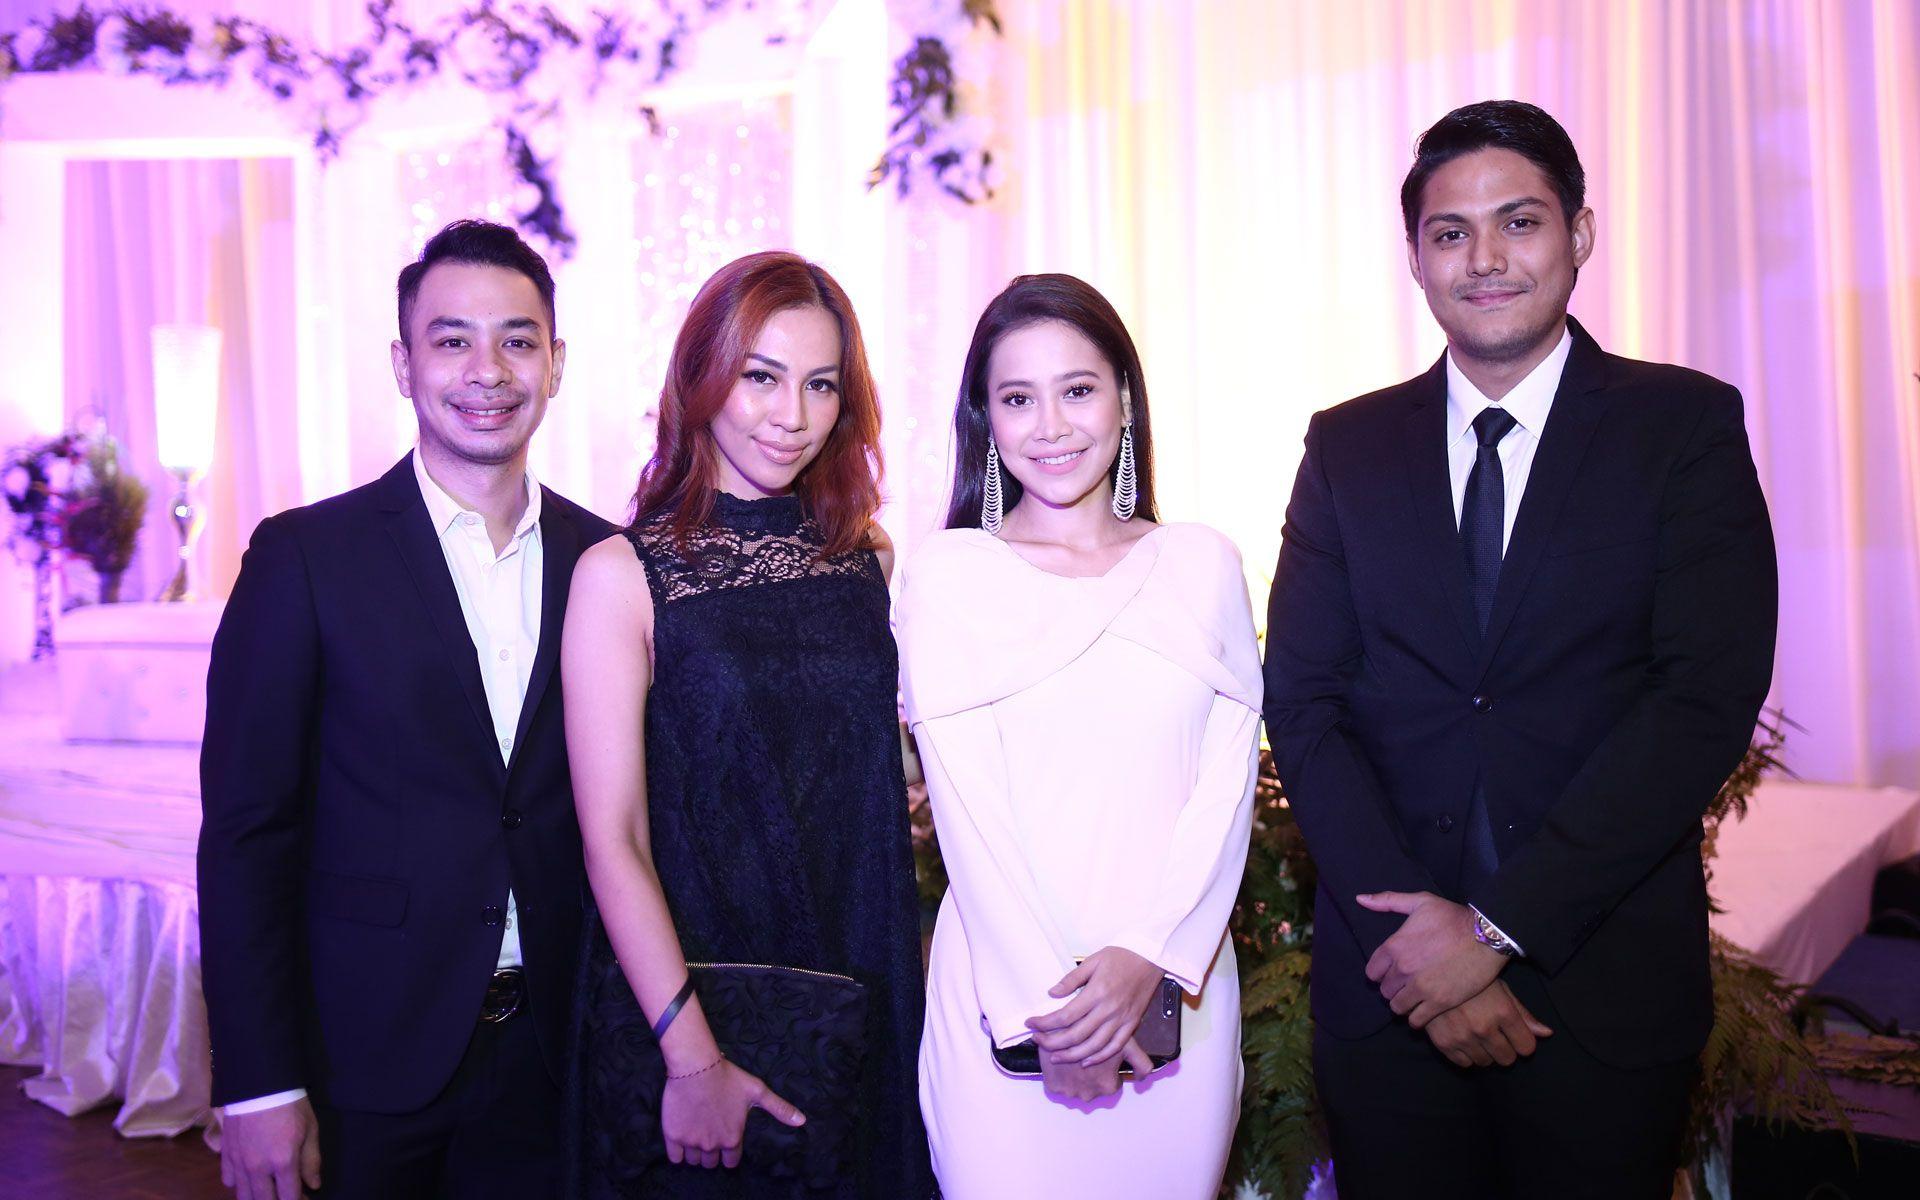 Emilio Sta Maria, Ida Mahiswari, Farah Nabilah and Amirul Yunus